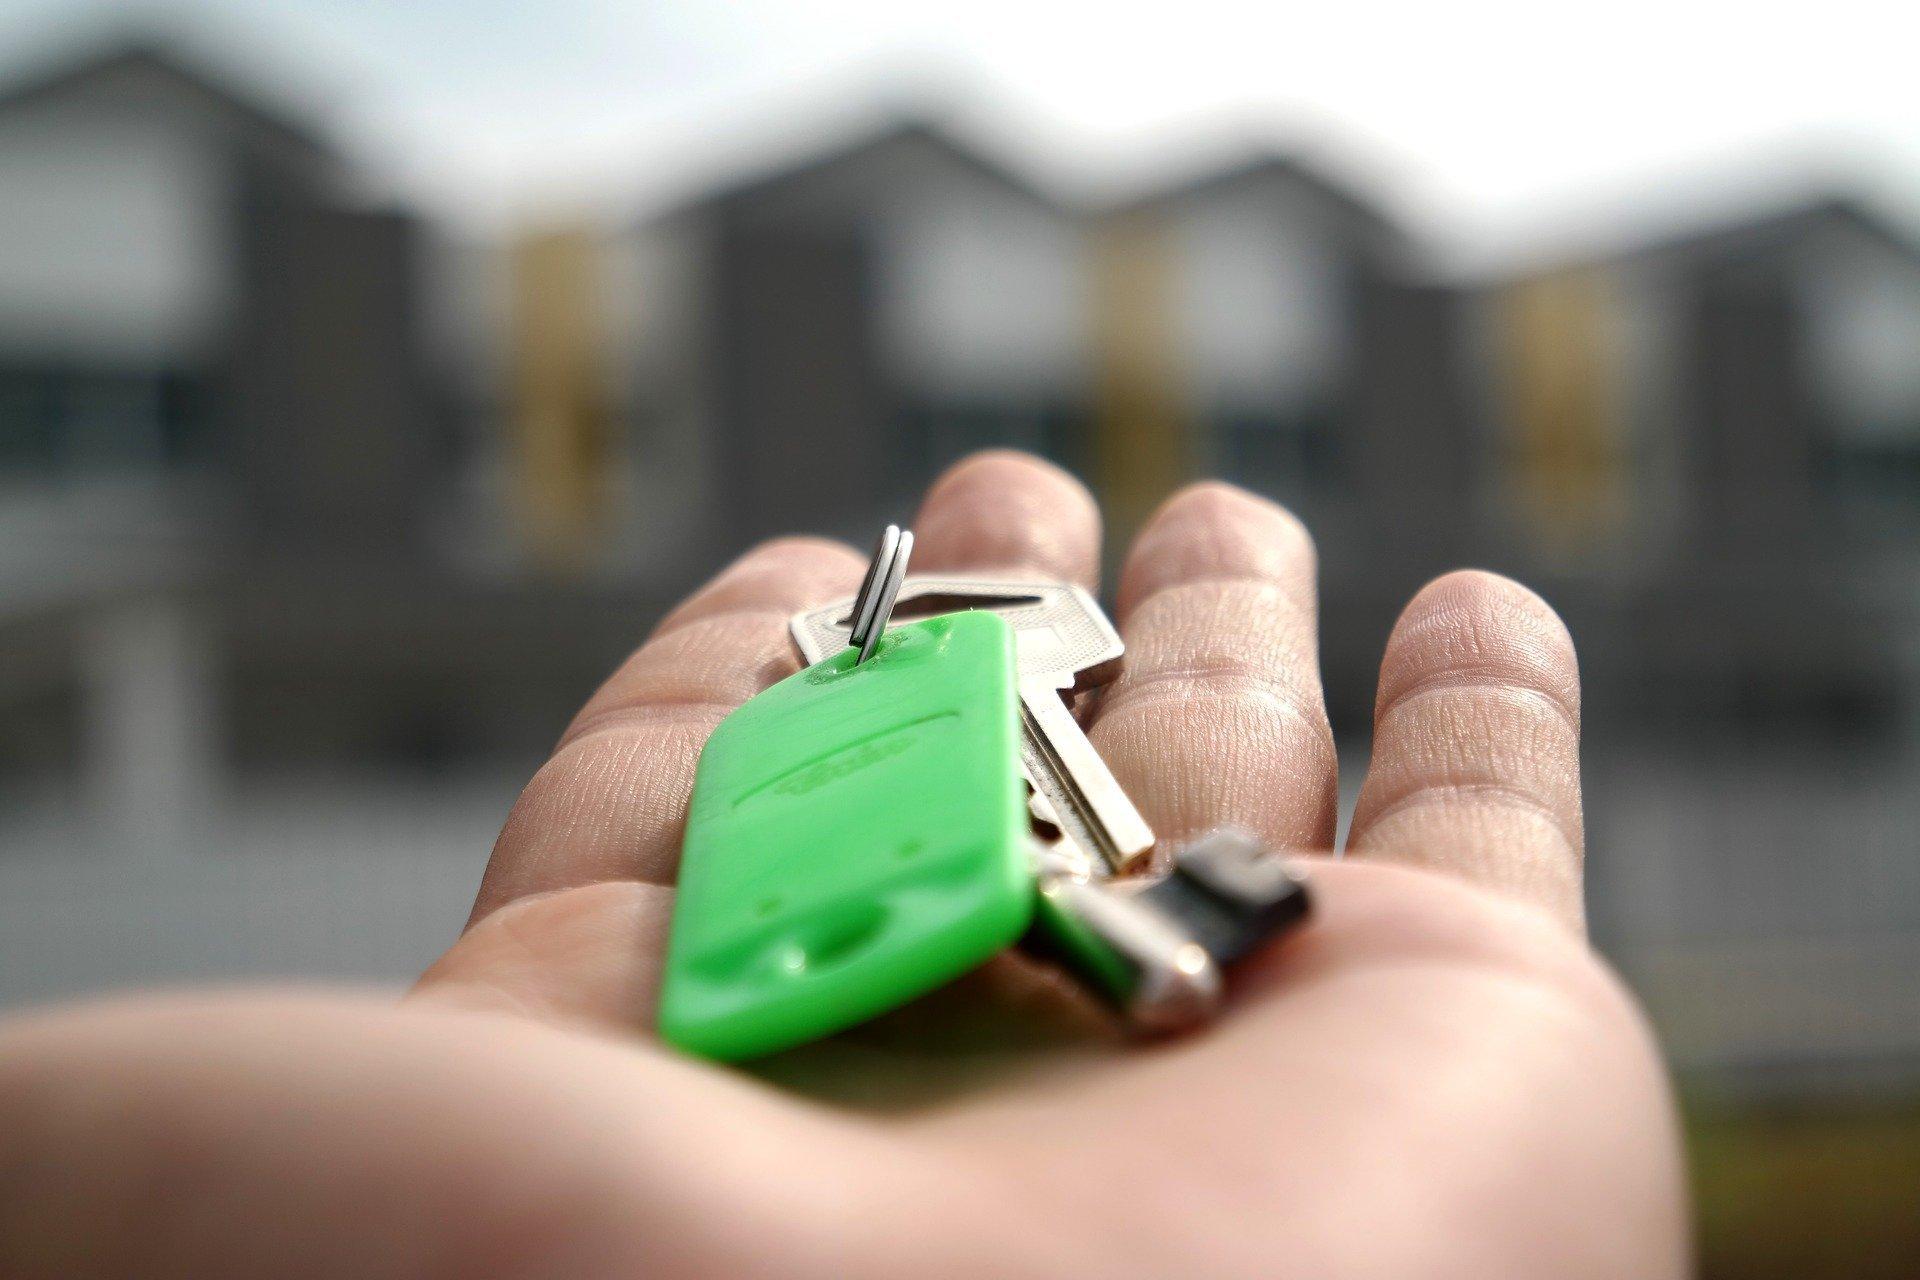 Plánujete řešit bytovou otázku pronájmem? Poradíme vám, jak vycházet s pronajímatelem bytu. Natrefili jste na internetu na dobrou nabídku podnájmu? Netěšte se předčasně, nejprve si zjistěte skutečnou cenu podnájmu se vším, co k tomu patří.